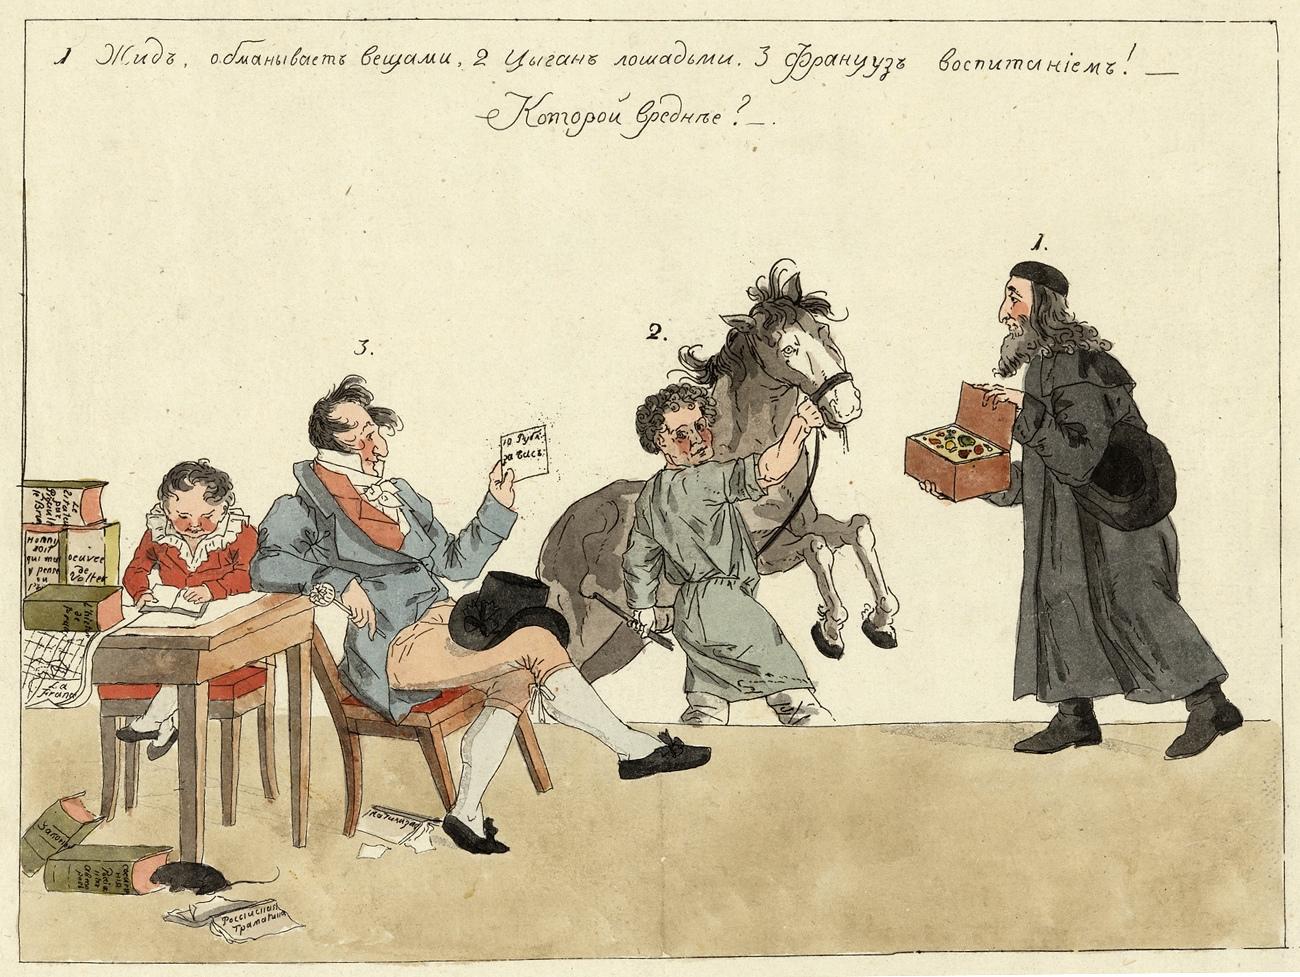 А. Венецианов. Жид обманывает вещами, цыган лошадьми, француз воспитанием.